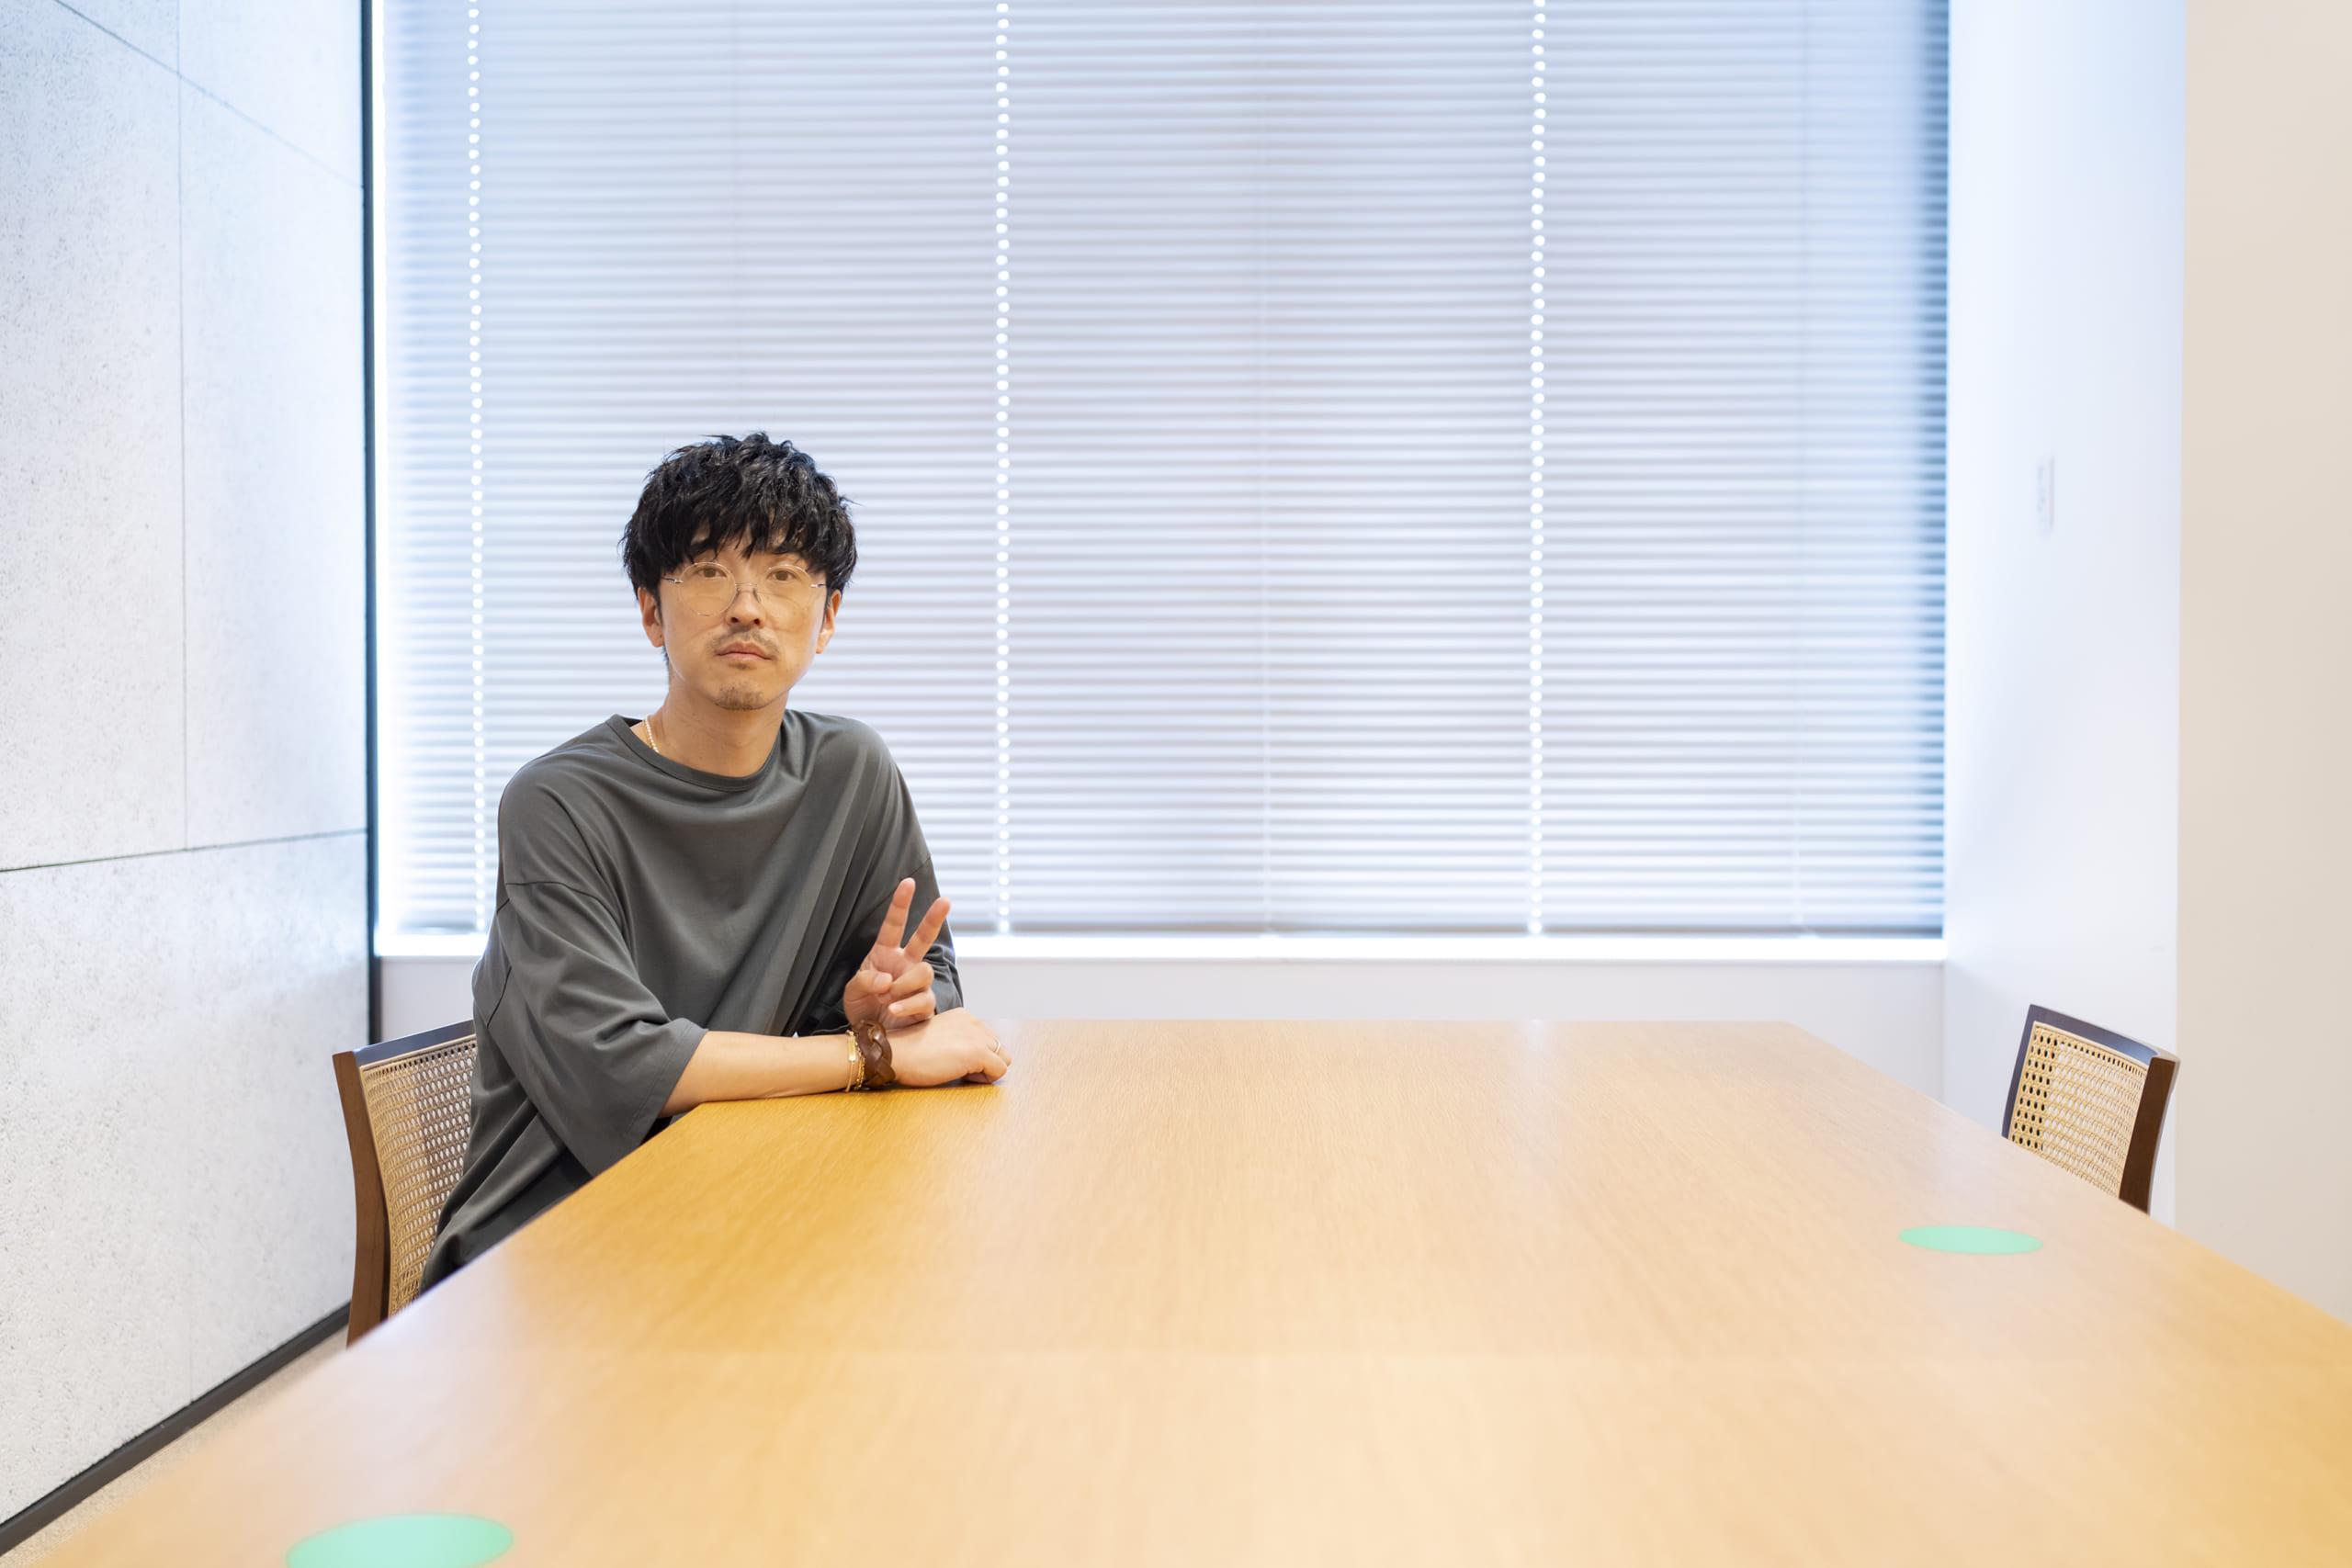 声優・櫻井孝宏さんが素顔で綴る初エッセイ集「47歳、まだまだボウヤ」10月発売決定